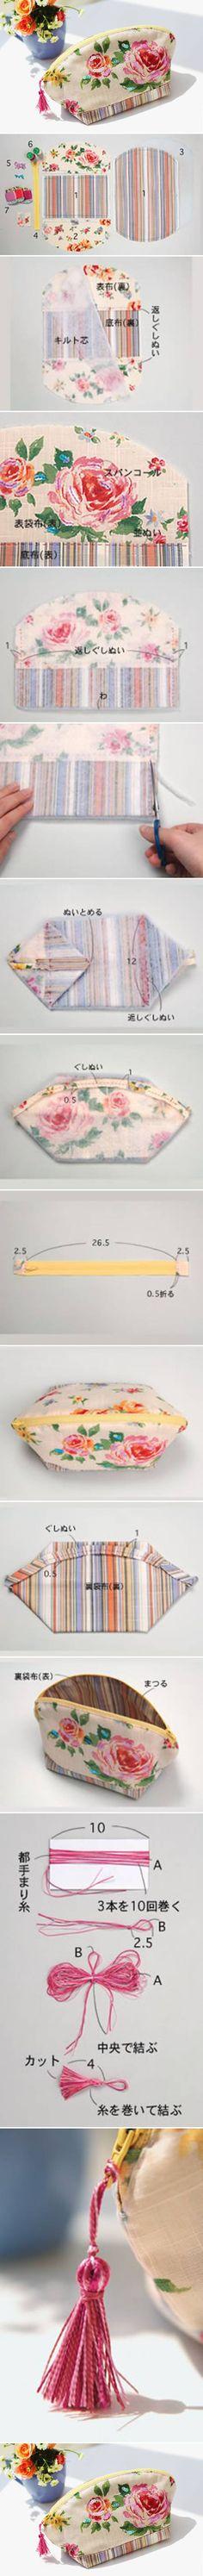 DIY maquiagem linda bolsa de Projetos DIY | UsefulDIY.com